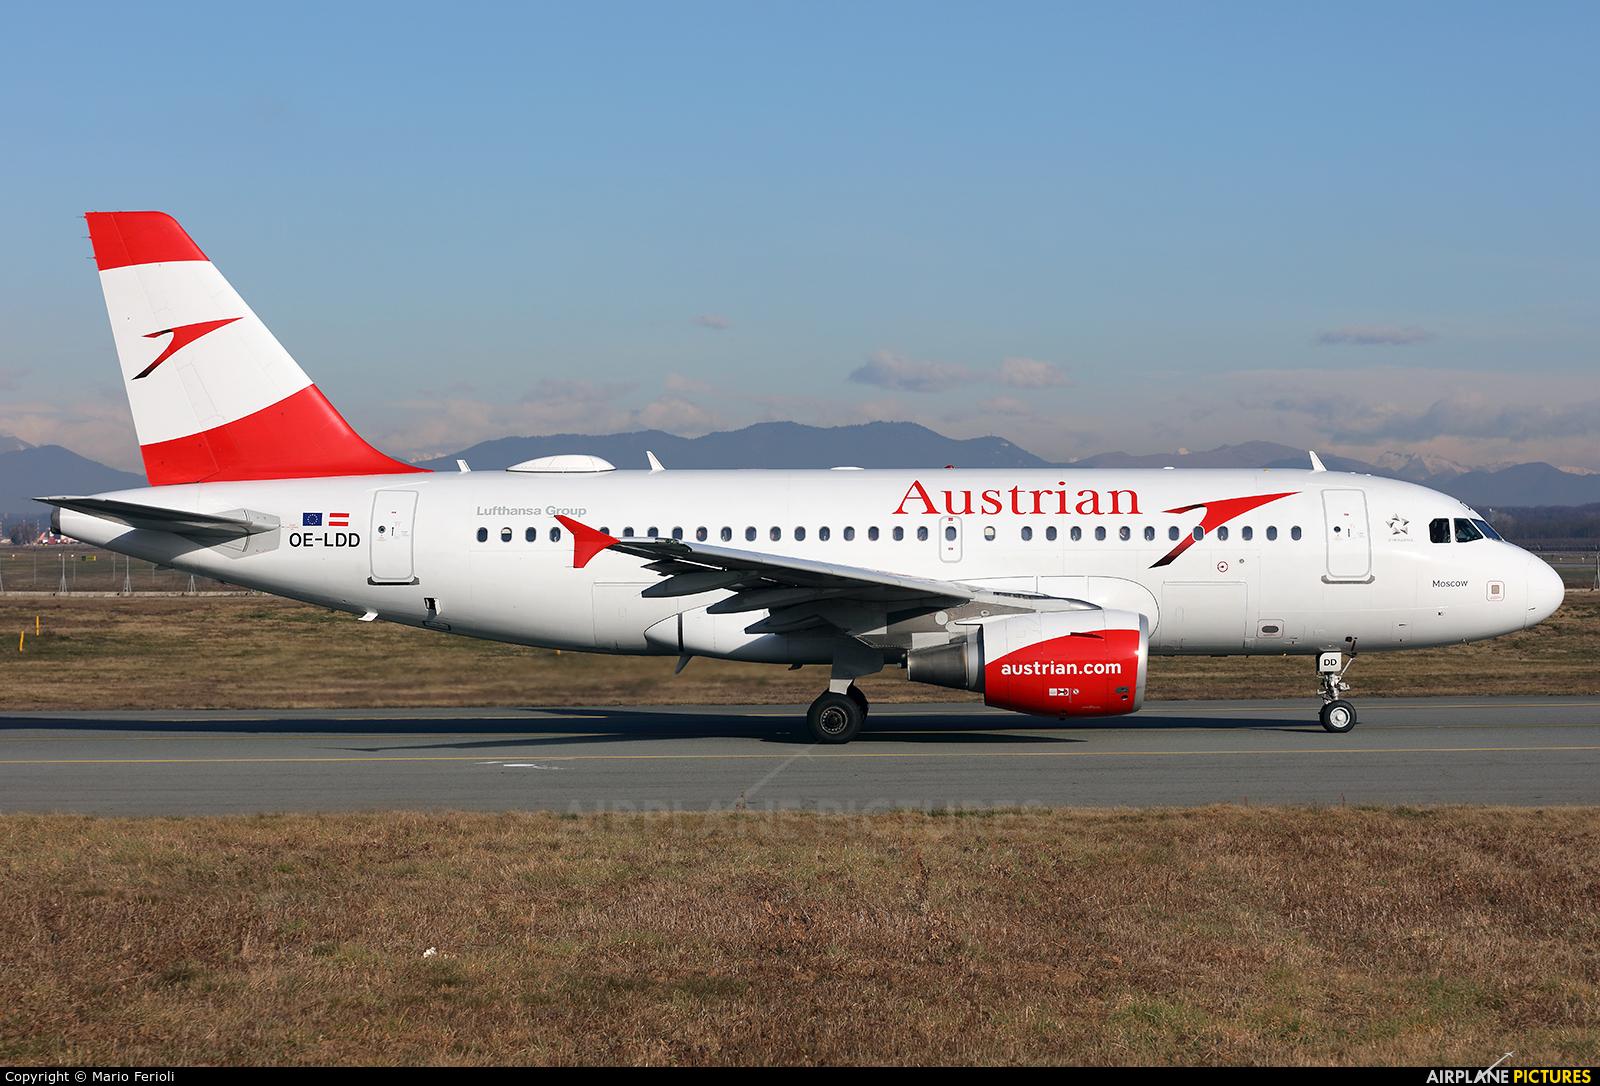 Austrian Airlines/Arrows/Tyrolean OE-LDD aircraft at Milan - Malpensa